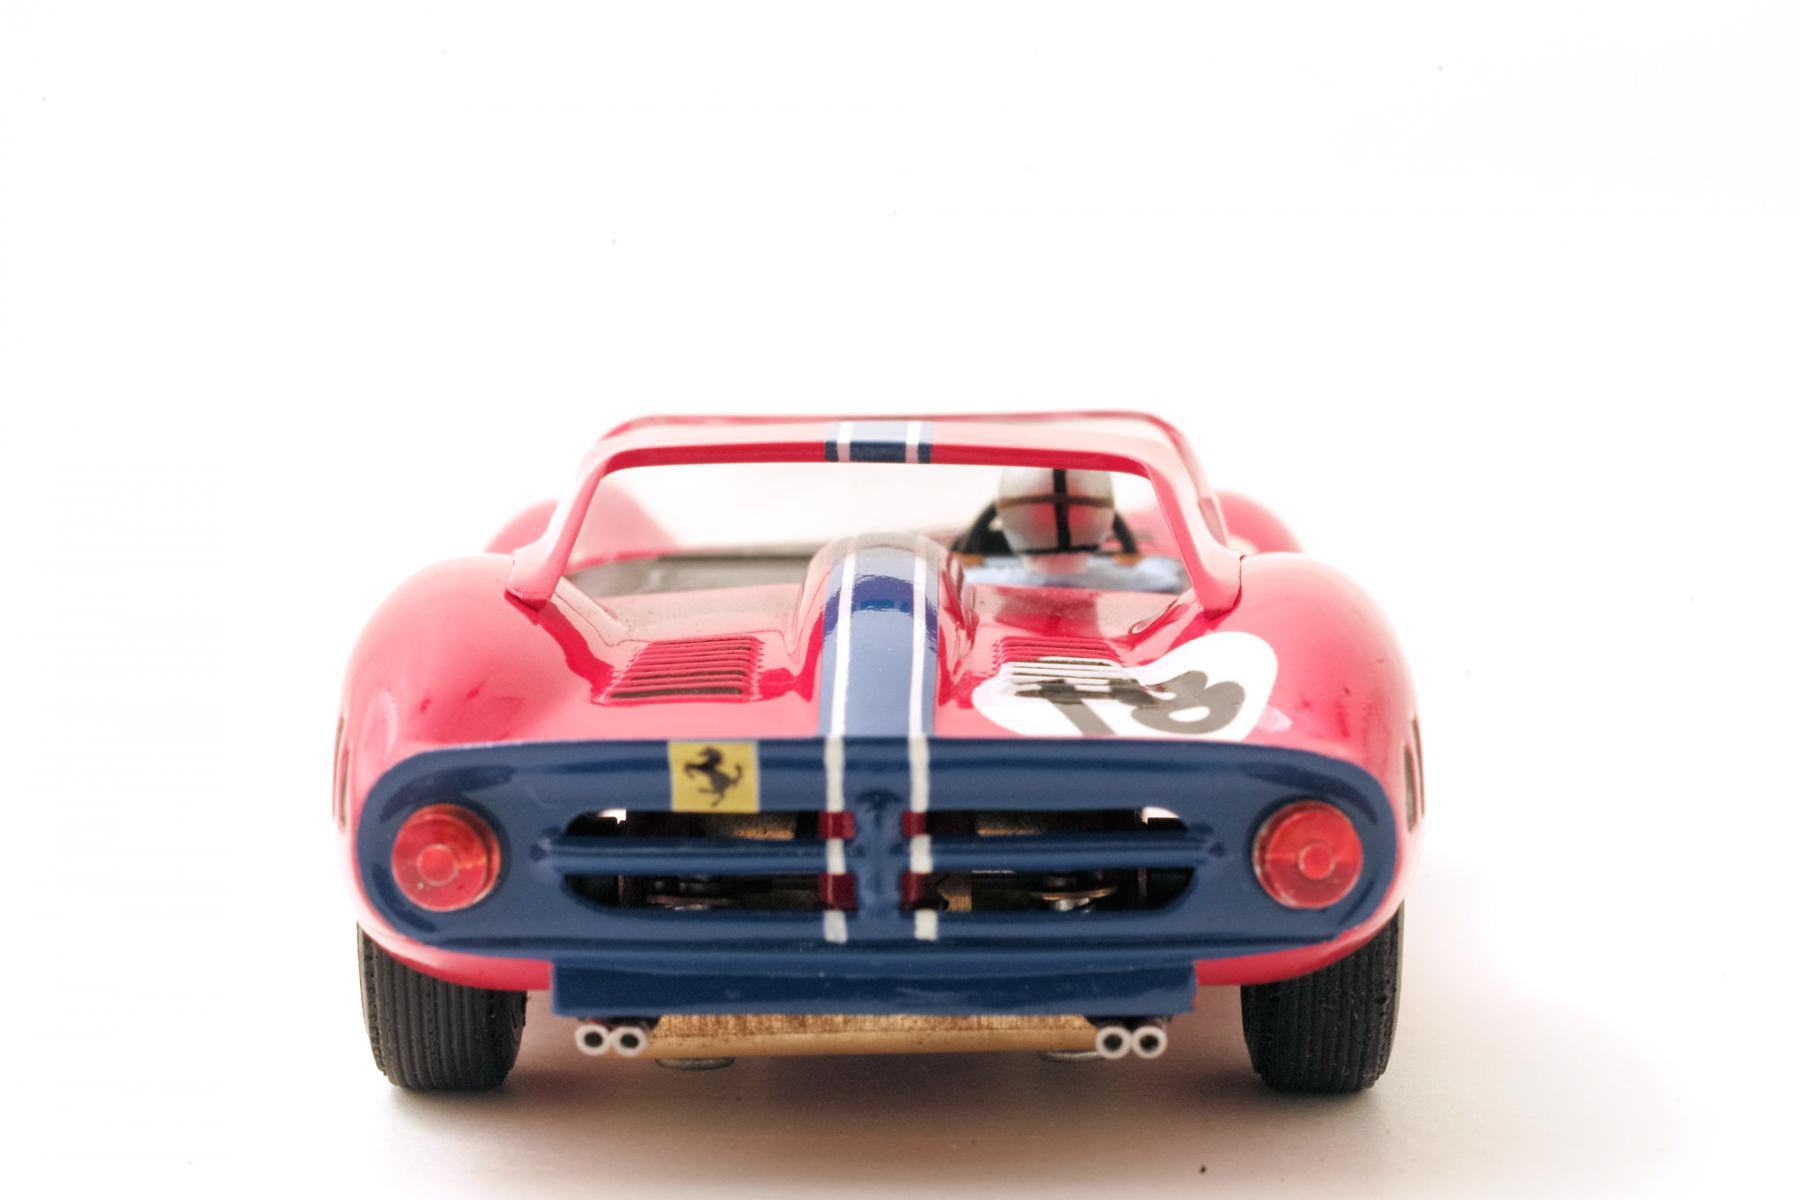 Ferrari-365-P2-Tamiya-003.jpg